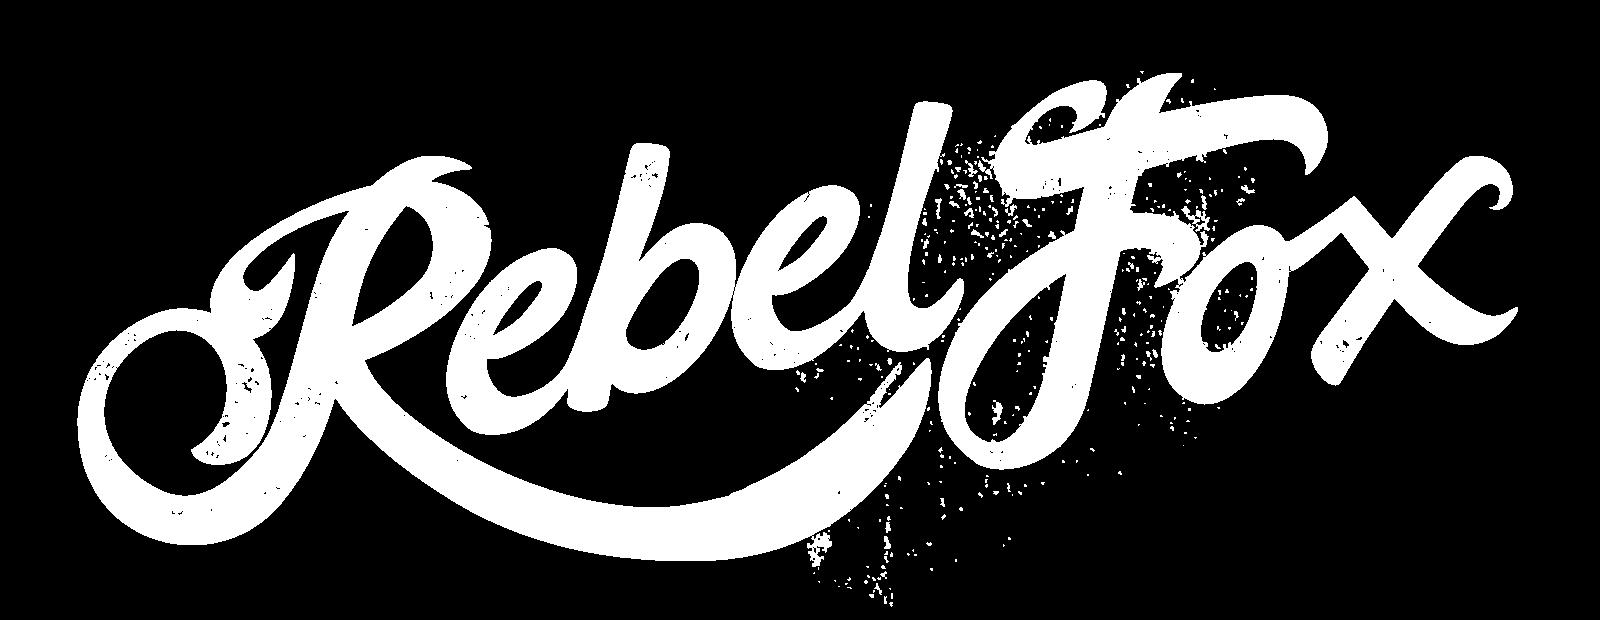 rebelfox_flat_grunge_white.png